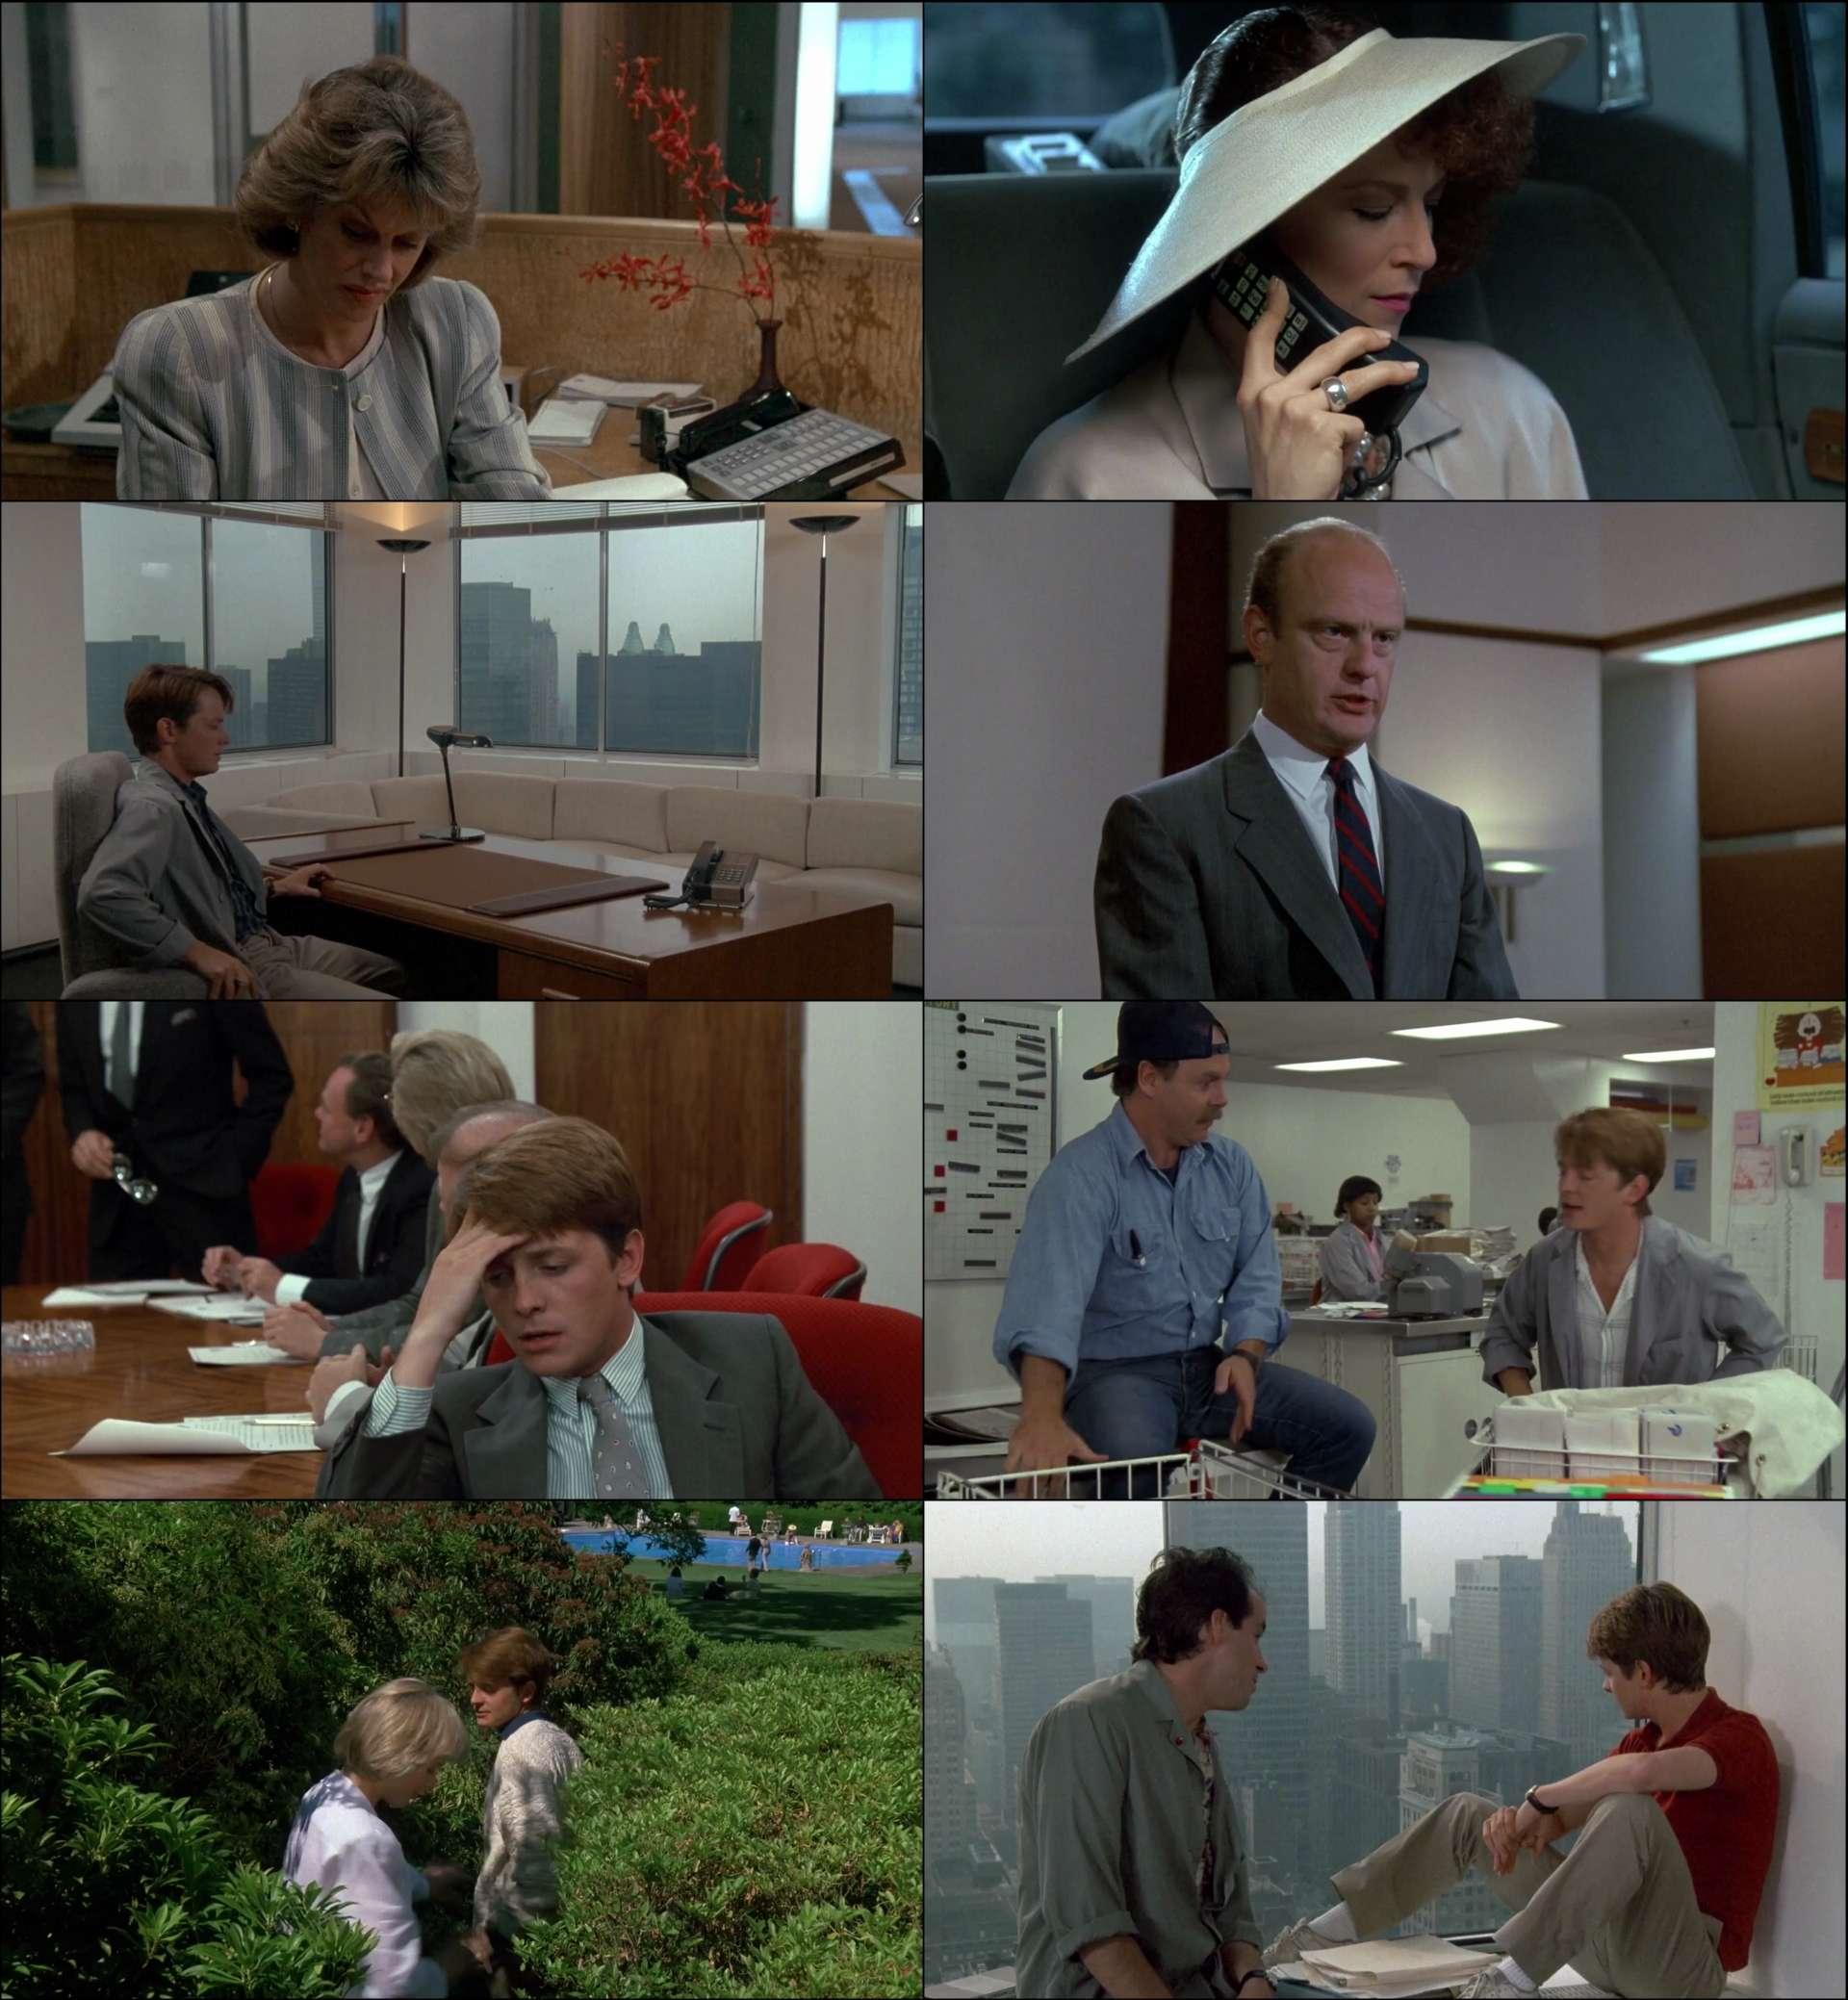 Benim Başarım - The Secret of My Succe$s (1987) türkçe dublaj film indir